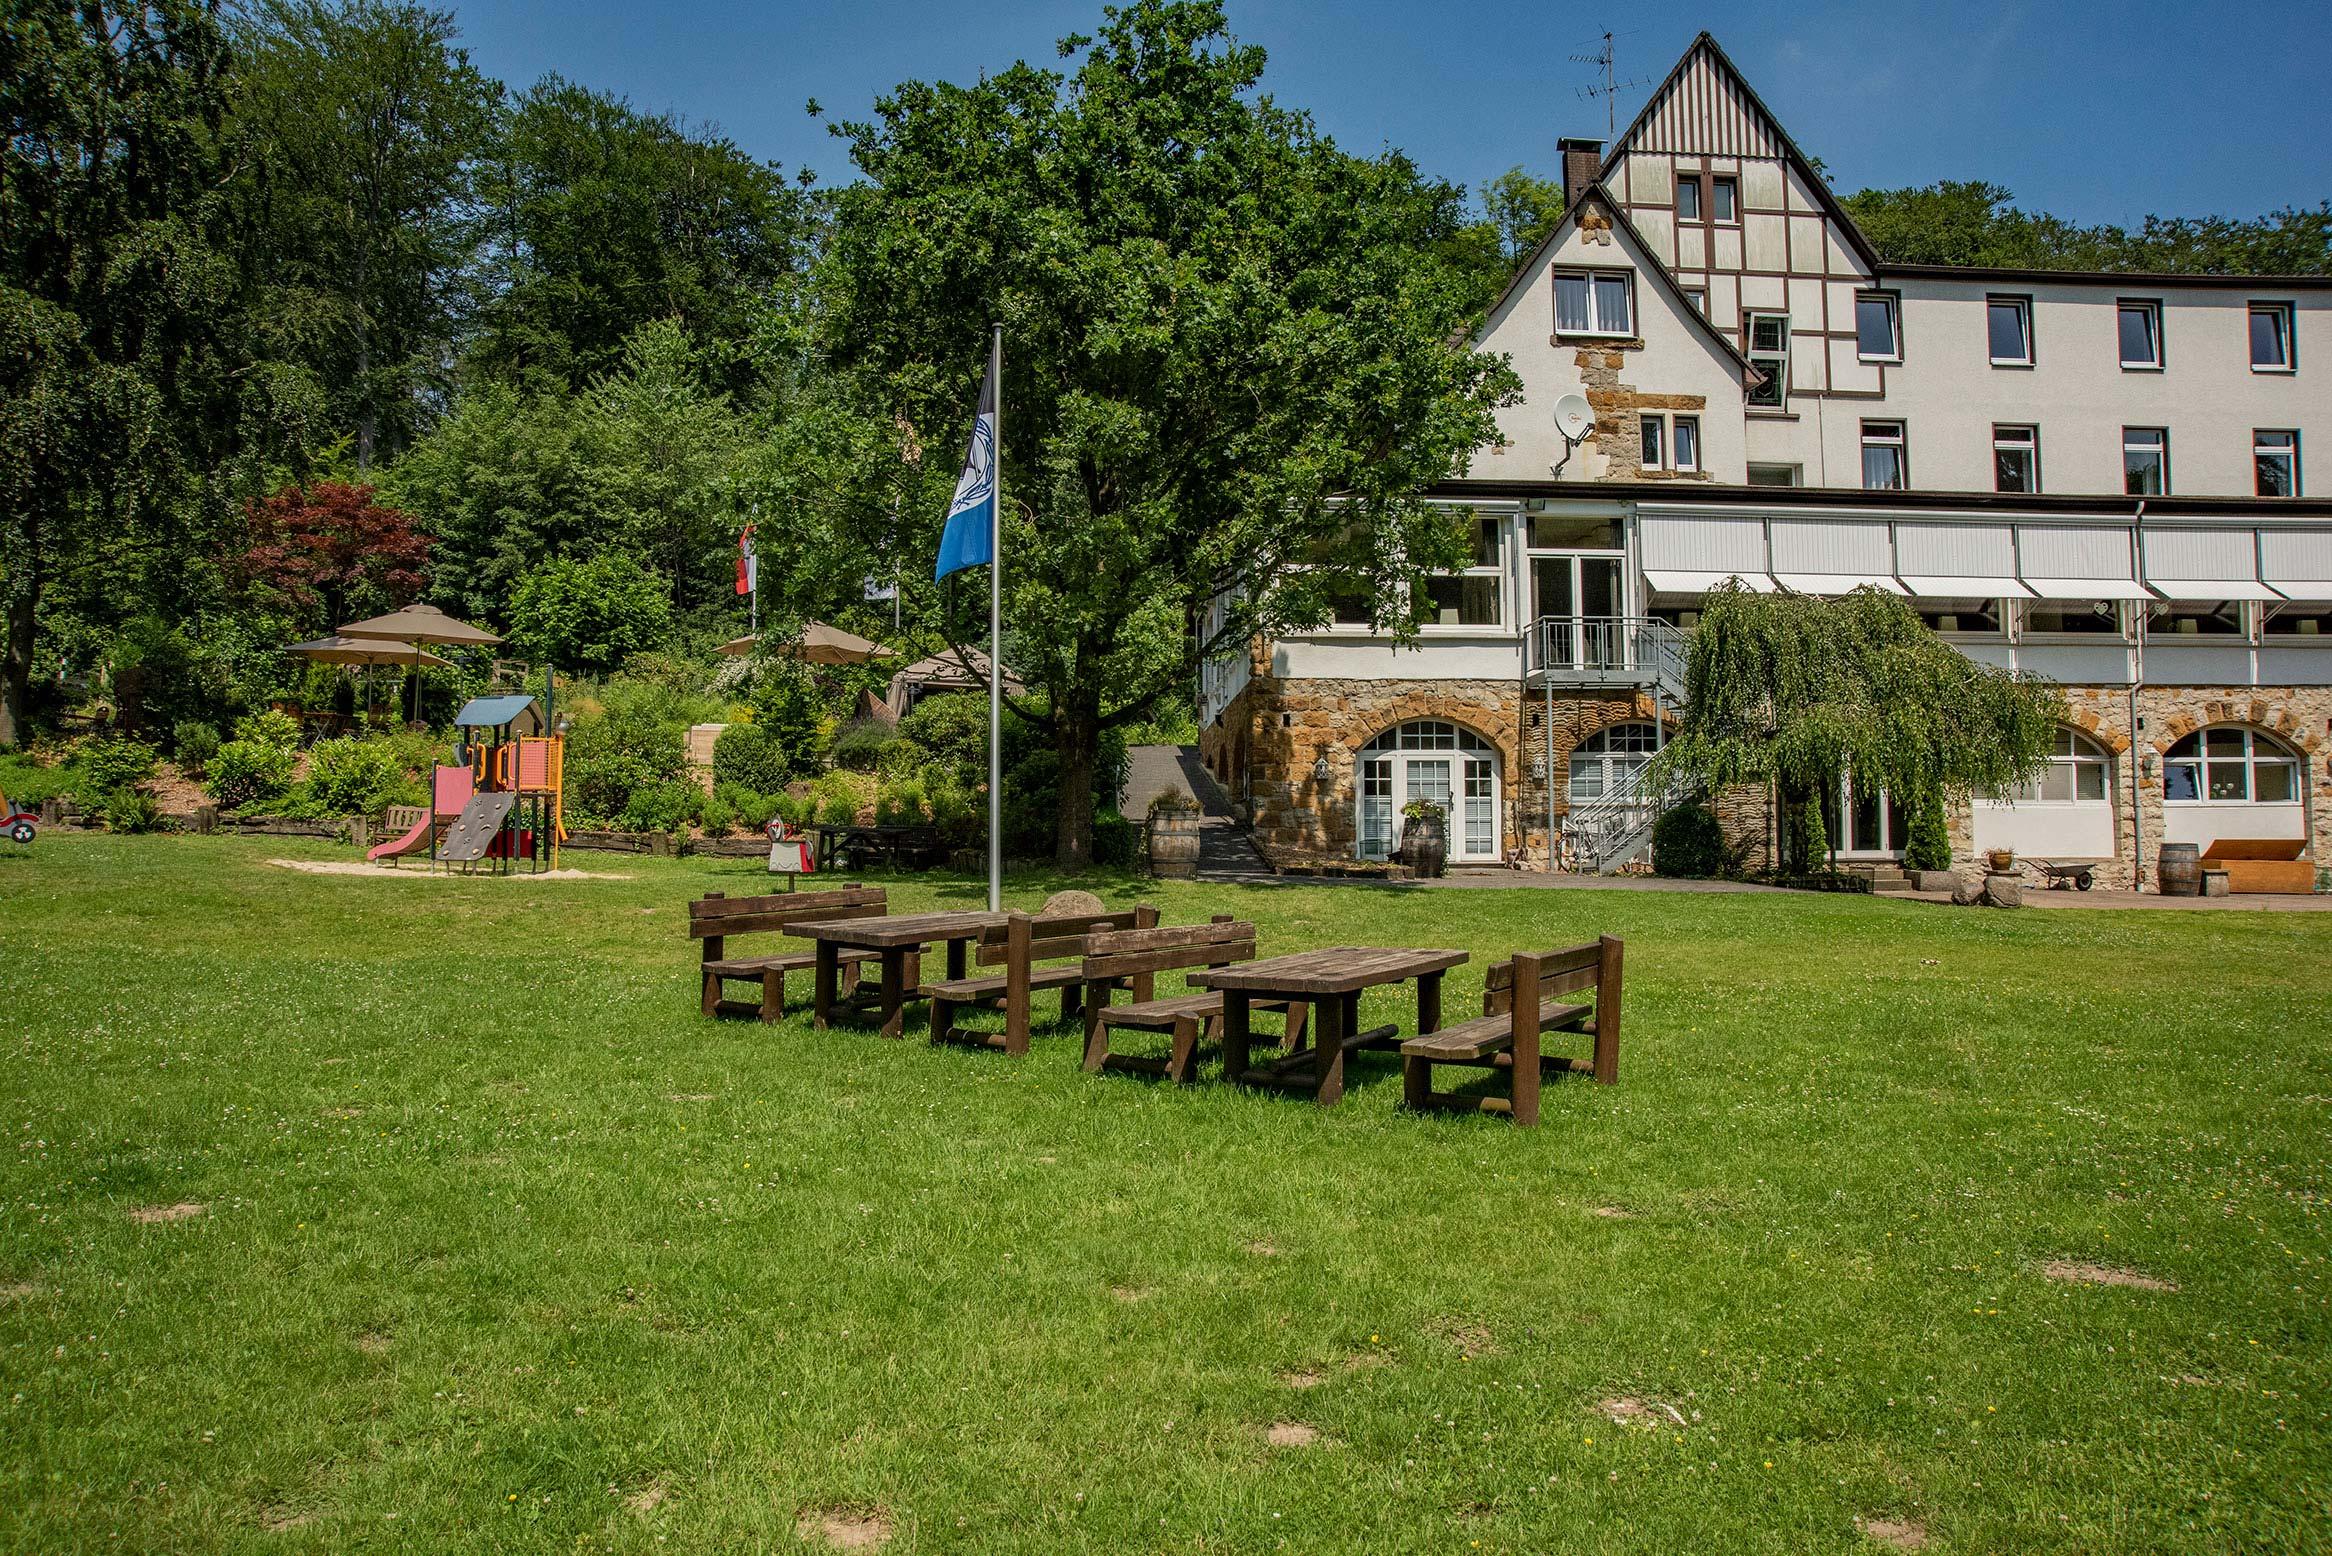 Bielefelder Berghotel - Hotel und Restaurant - Bielefeld